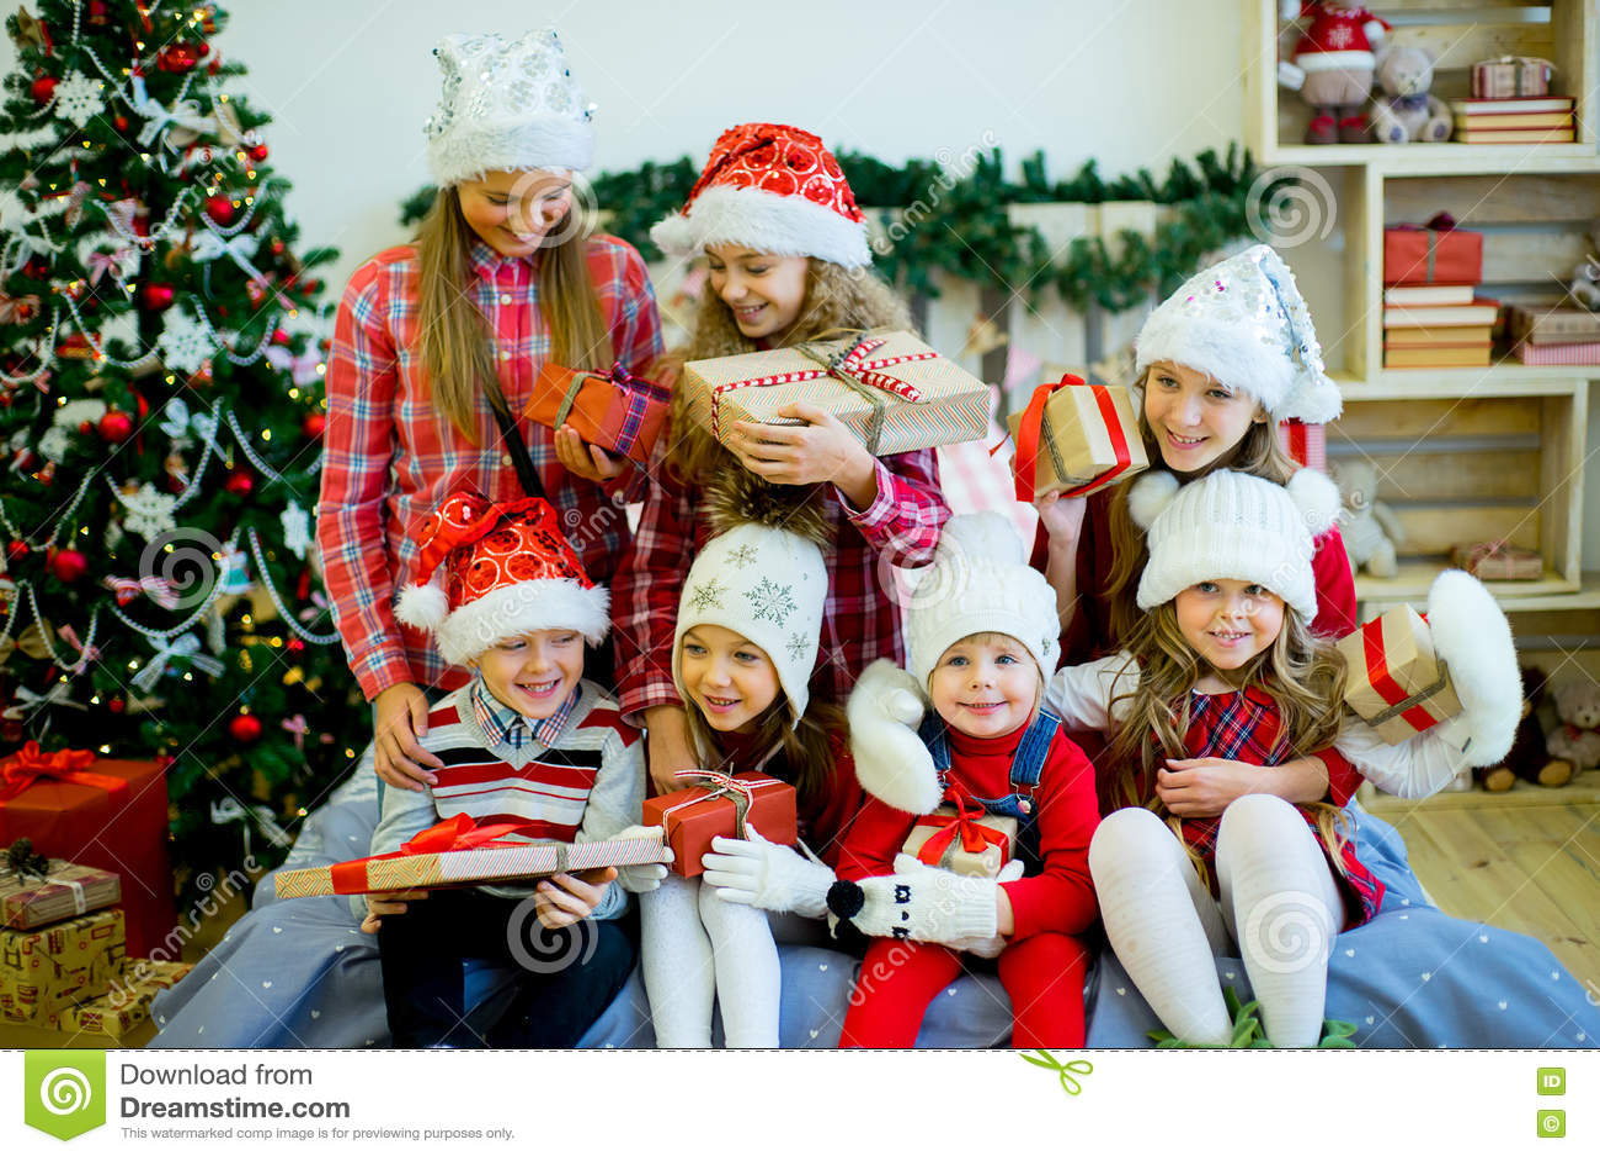 Gruppe Kinder Im Roten Hut Mit Weihnachtsgeschenken Stockfoto - Bild ...